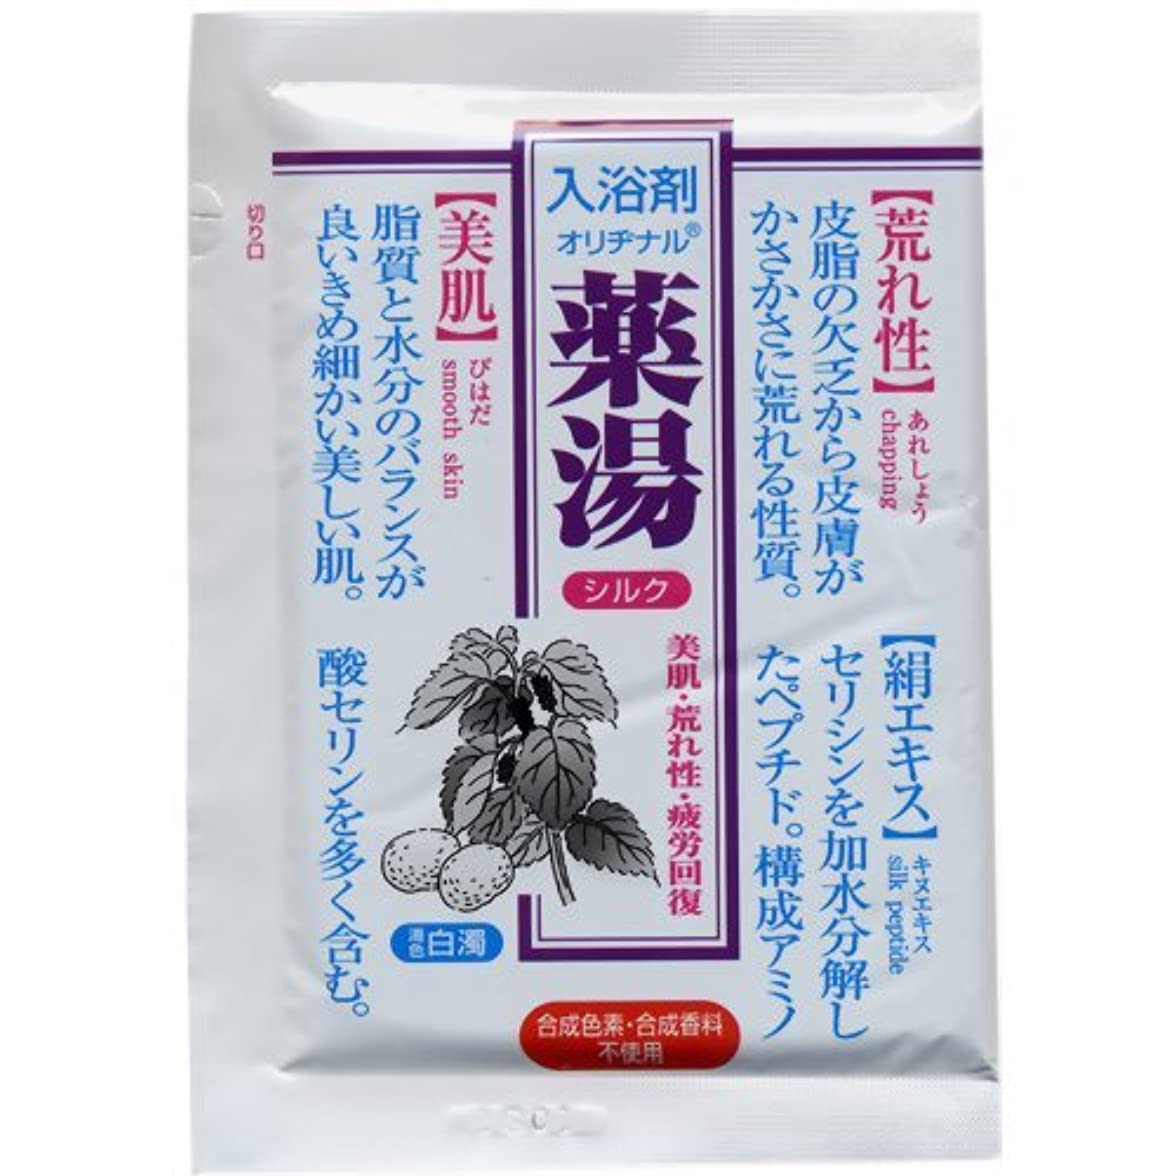 溶融支出ヤギオリヂナル 薬湯 シルク 30g